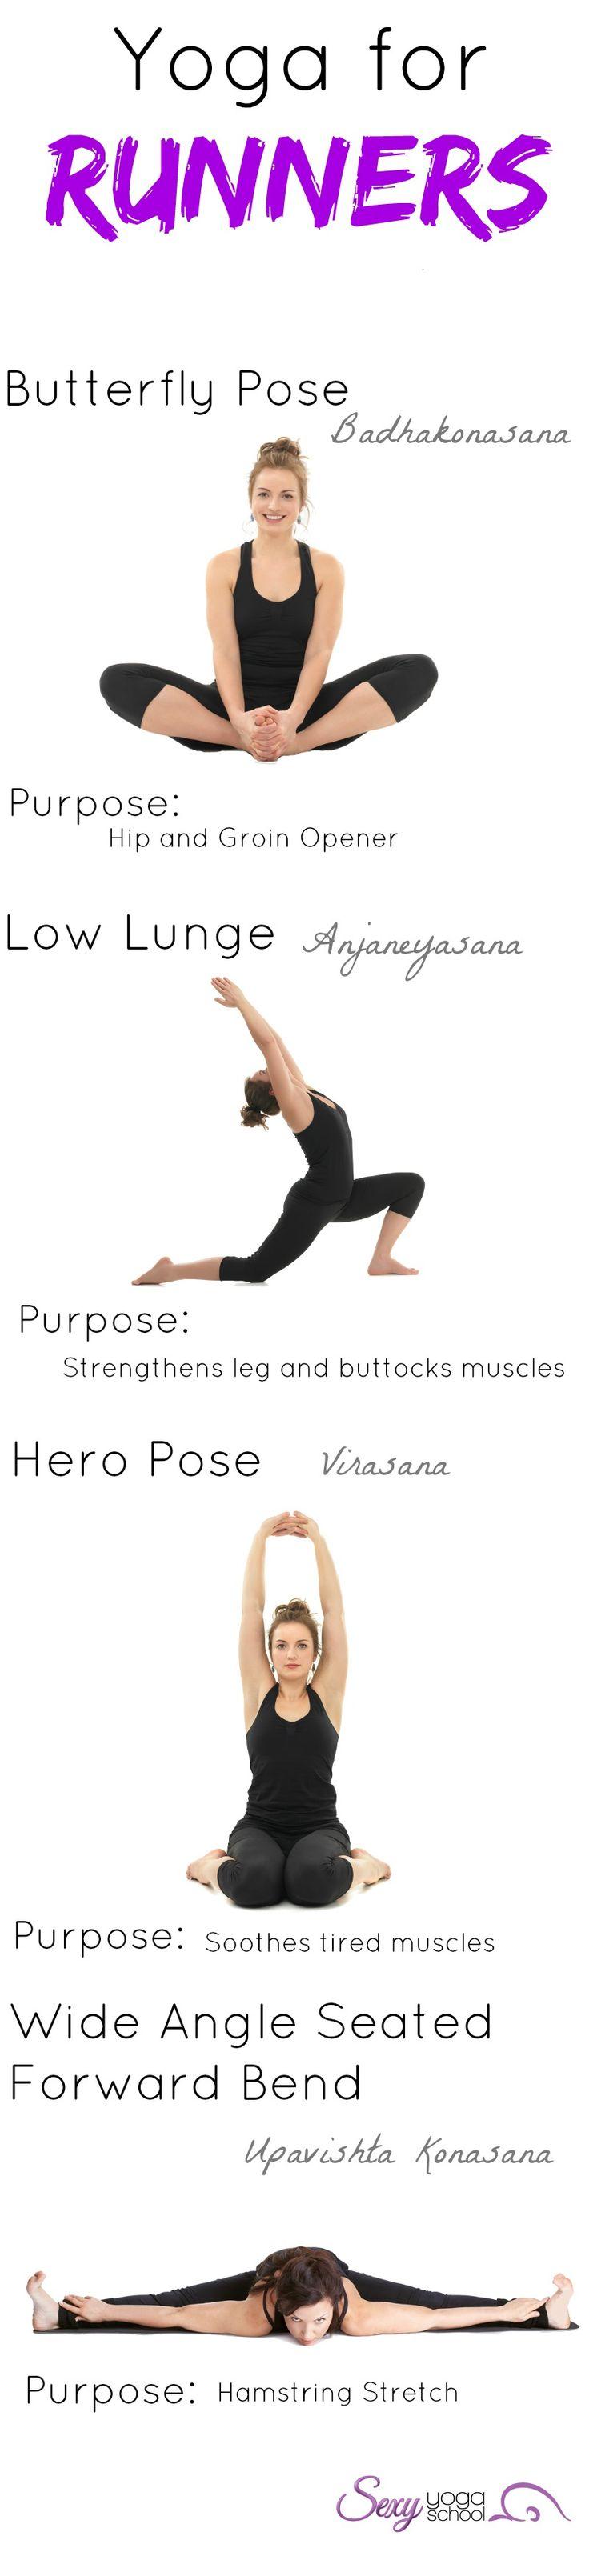 Yoga w/ Running = Better balance, strength and stamina.